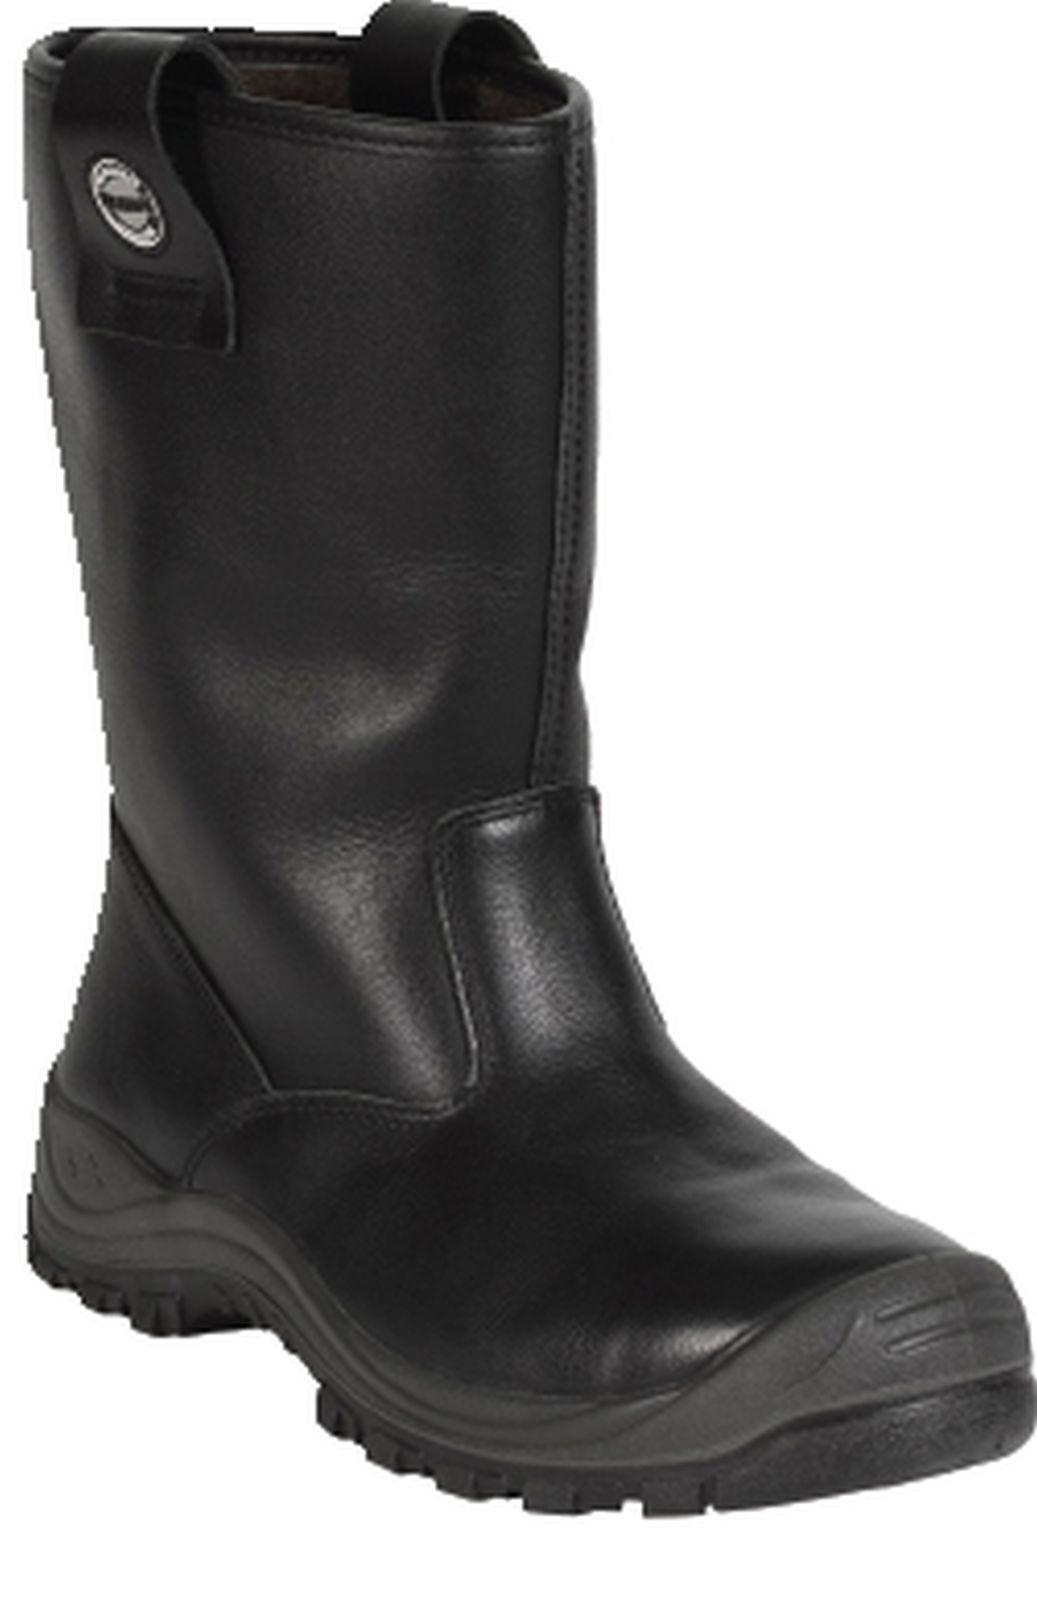 Blaklader Veiligheidslaarzen 23030001 zwart(9900)